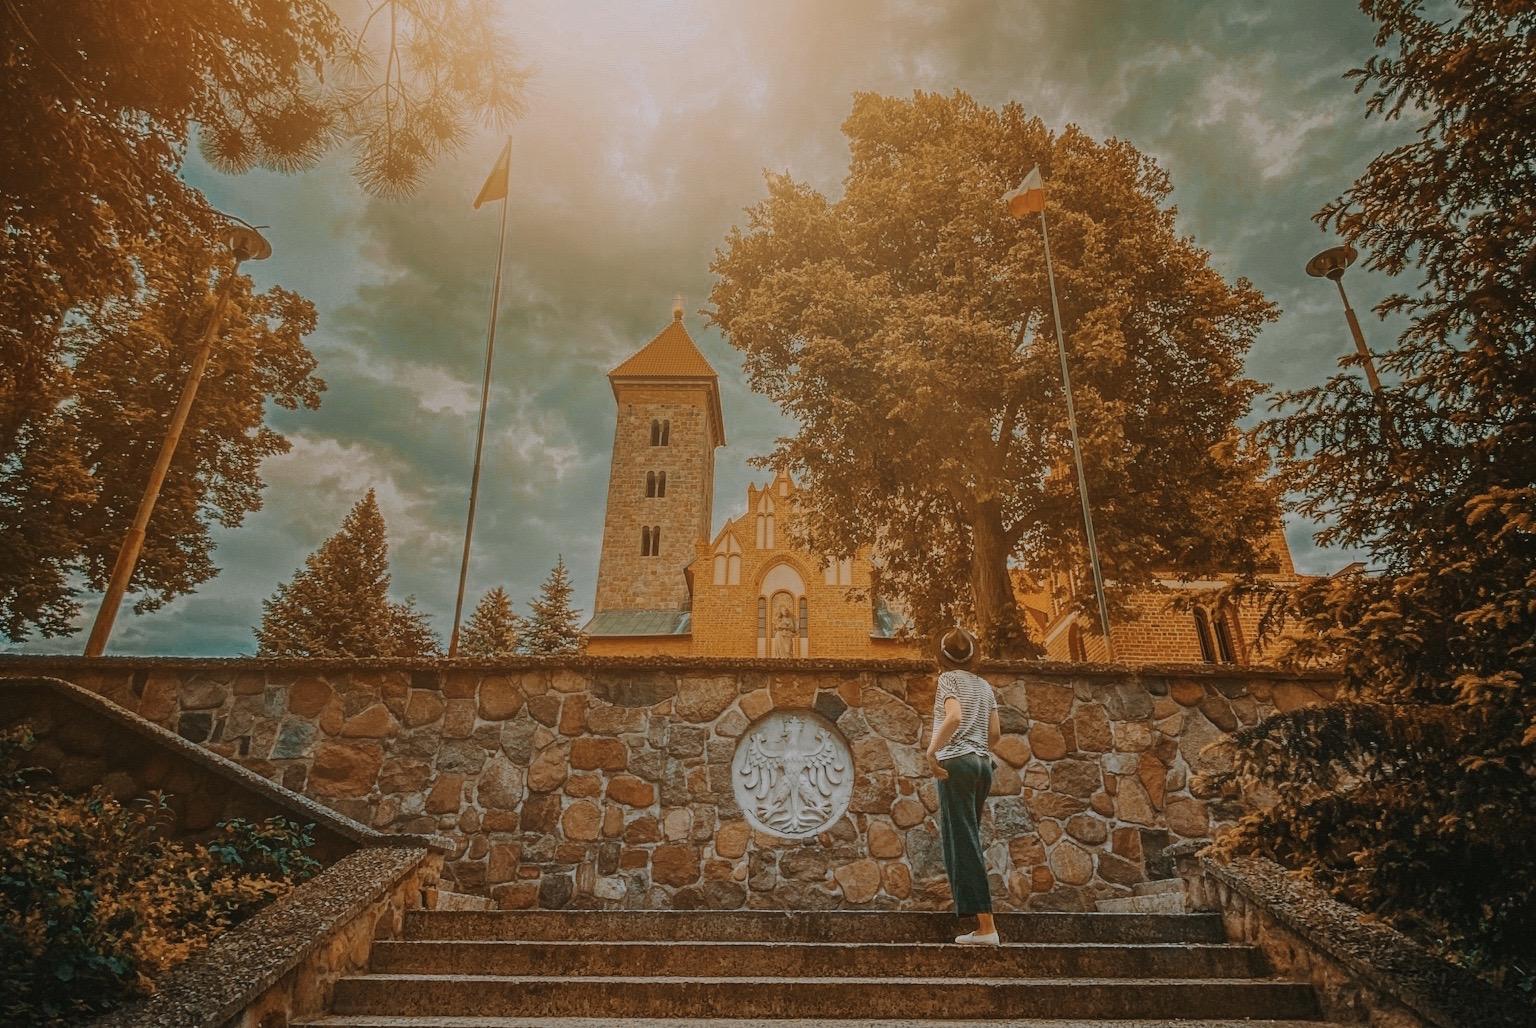 czerwinsk nad wisla templariusze jagiello kosciol polska skarpa z warszawy na weekend